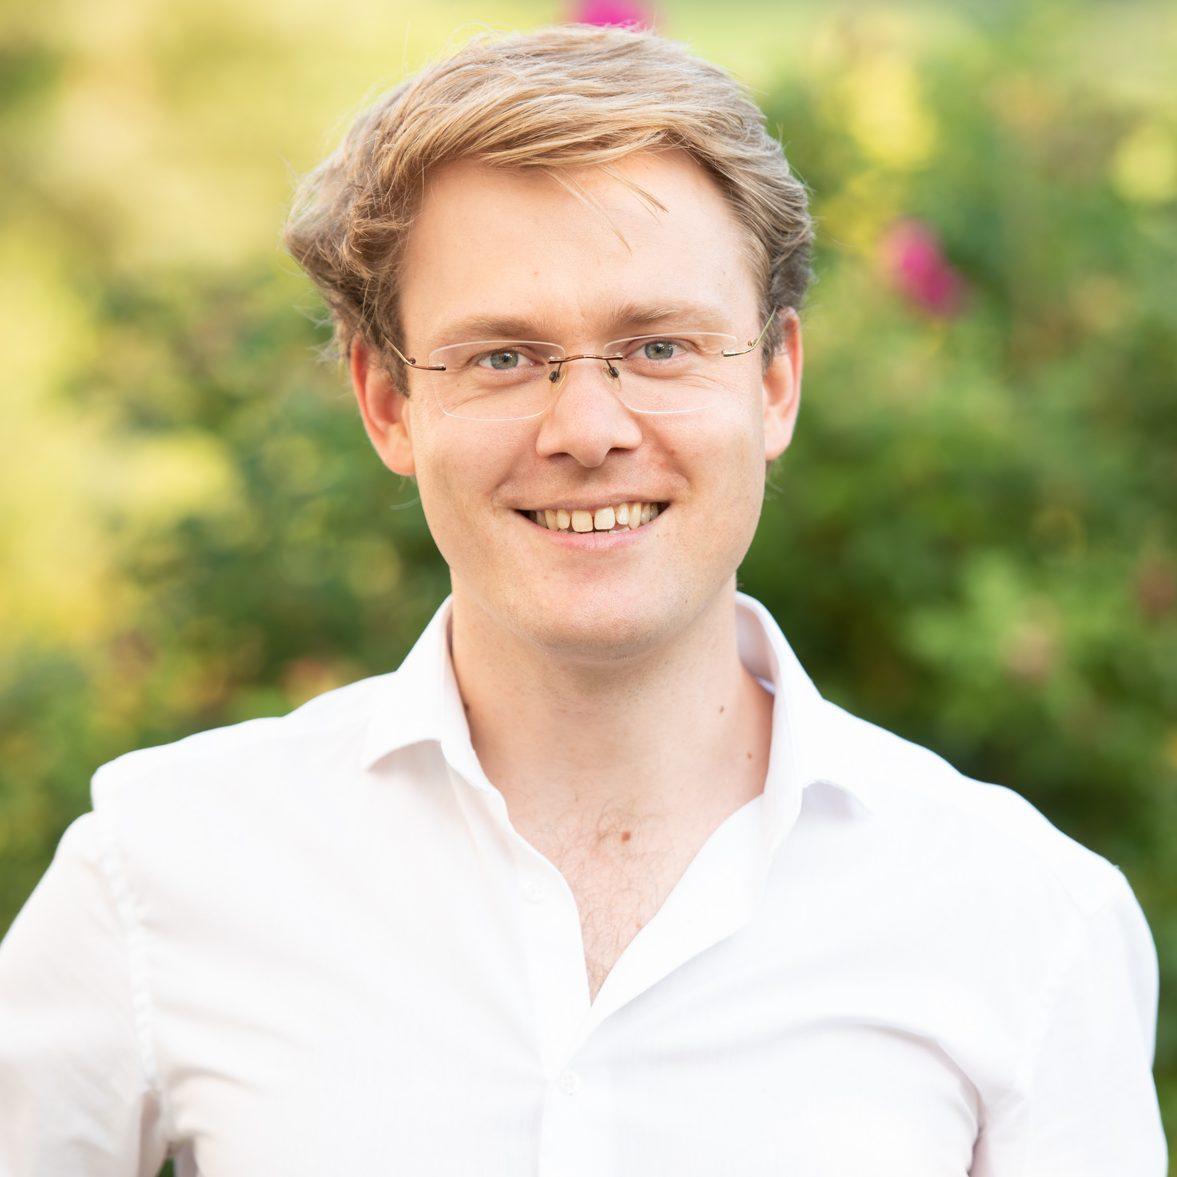 Speaker - Carsten Dickhut